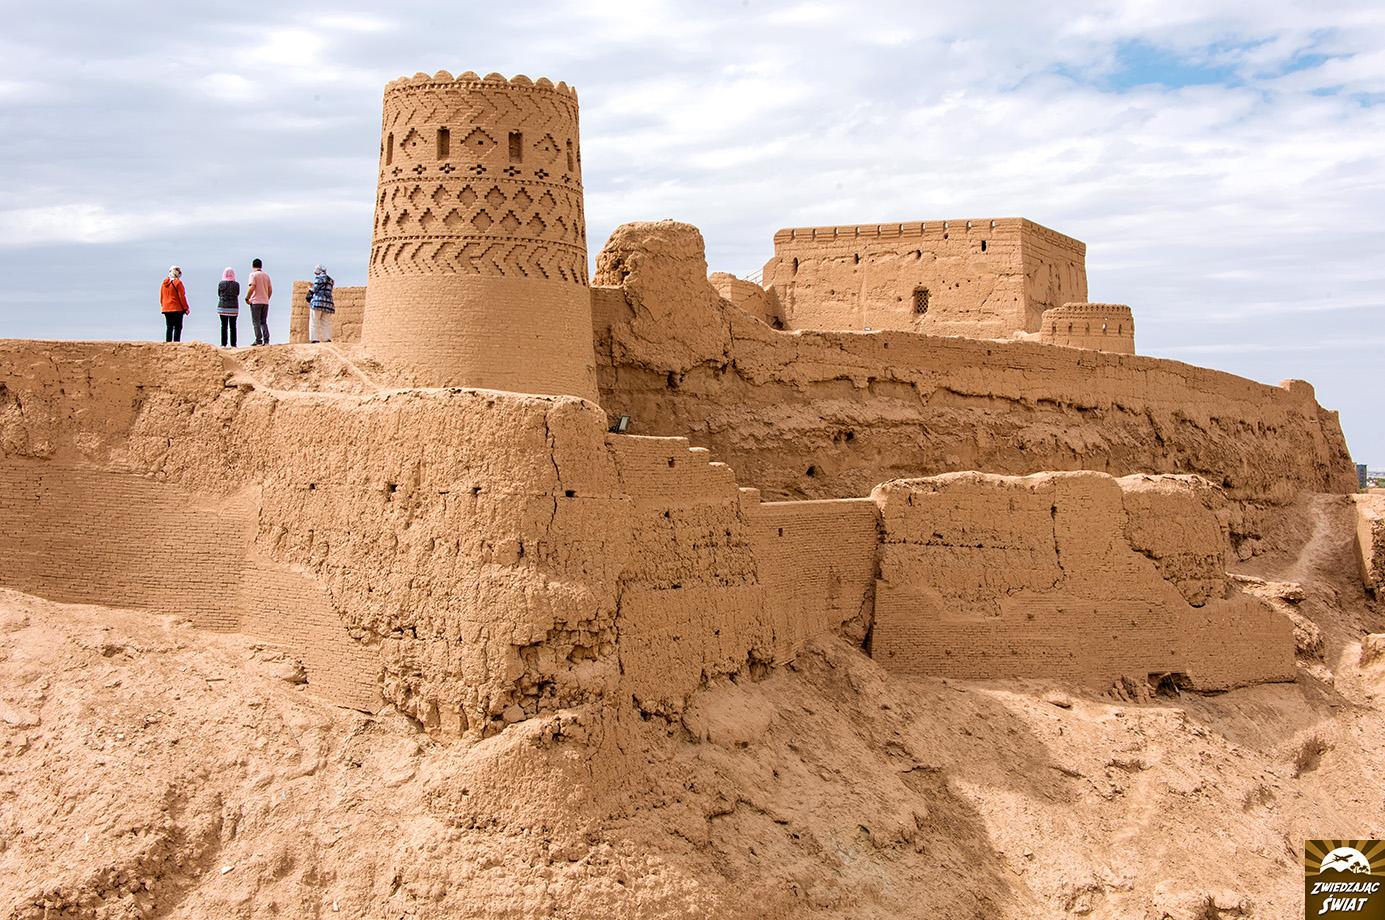 Mejbod z pozostałościami zamku Narin, Iran